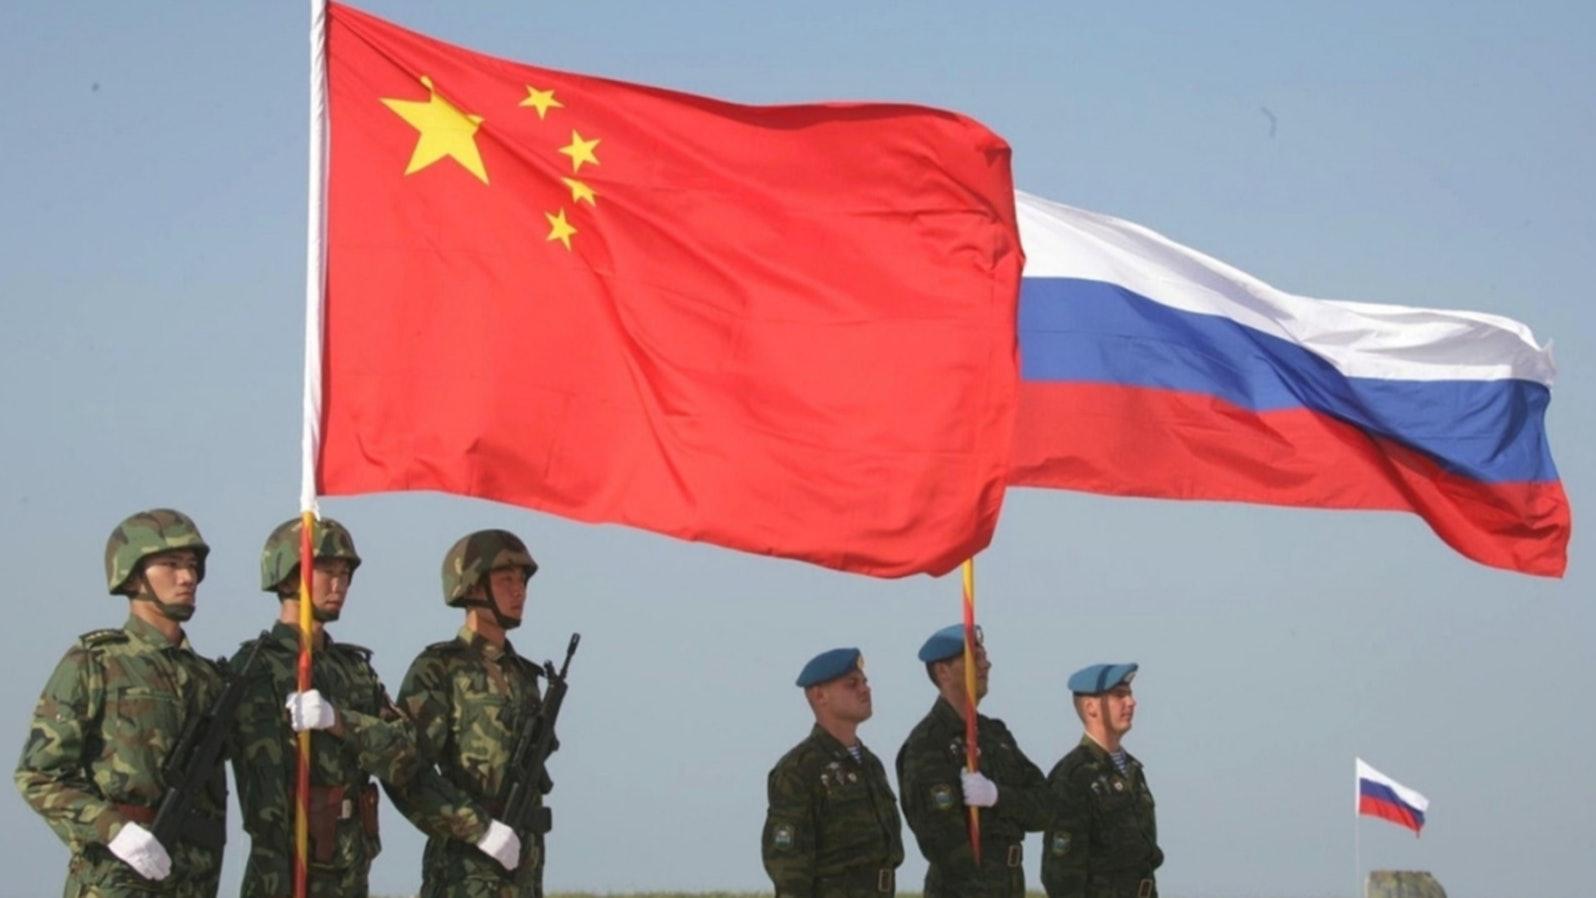 中国网文指责俄支持印度捅刀中国 环时:存心煽动